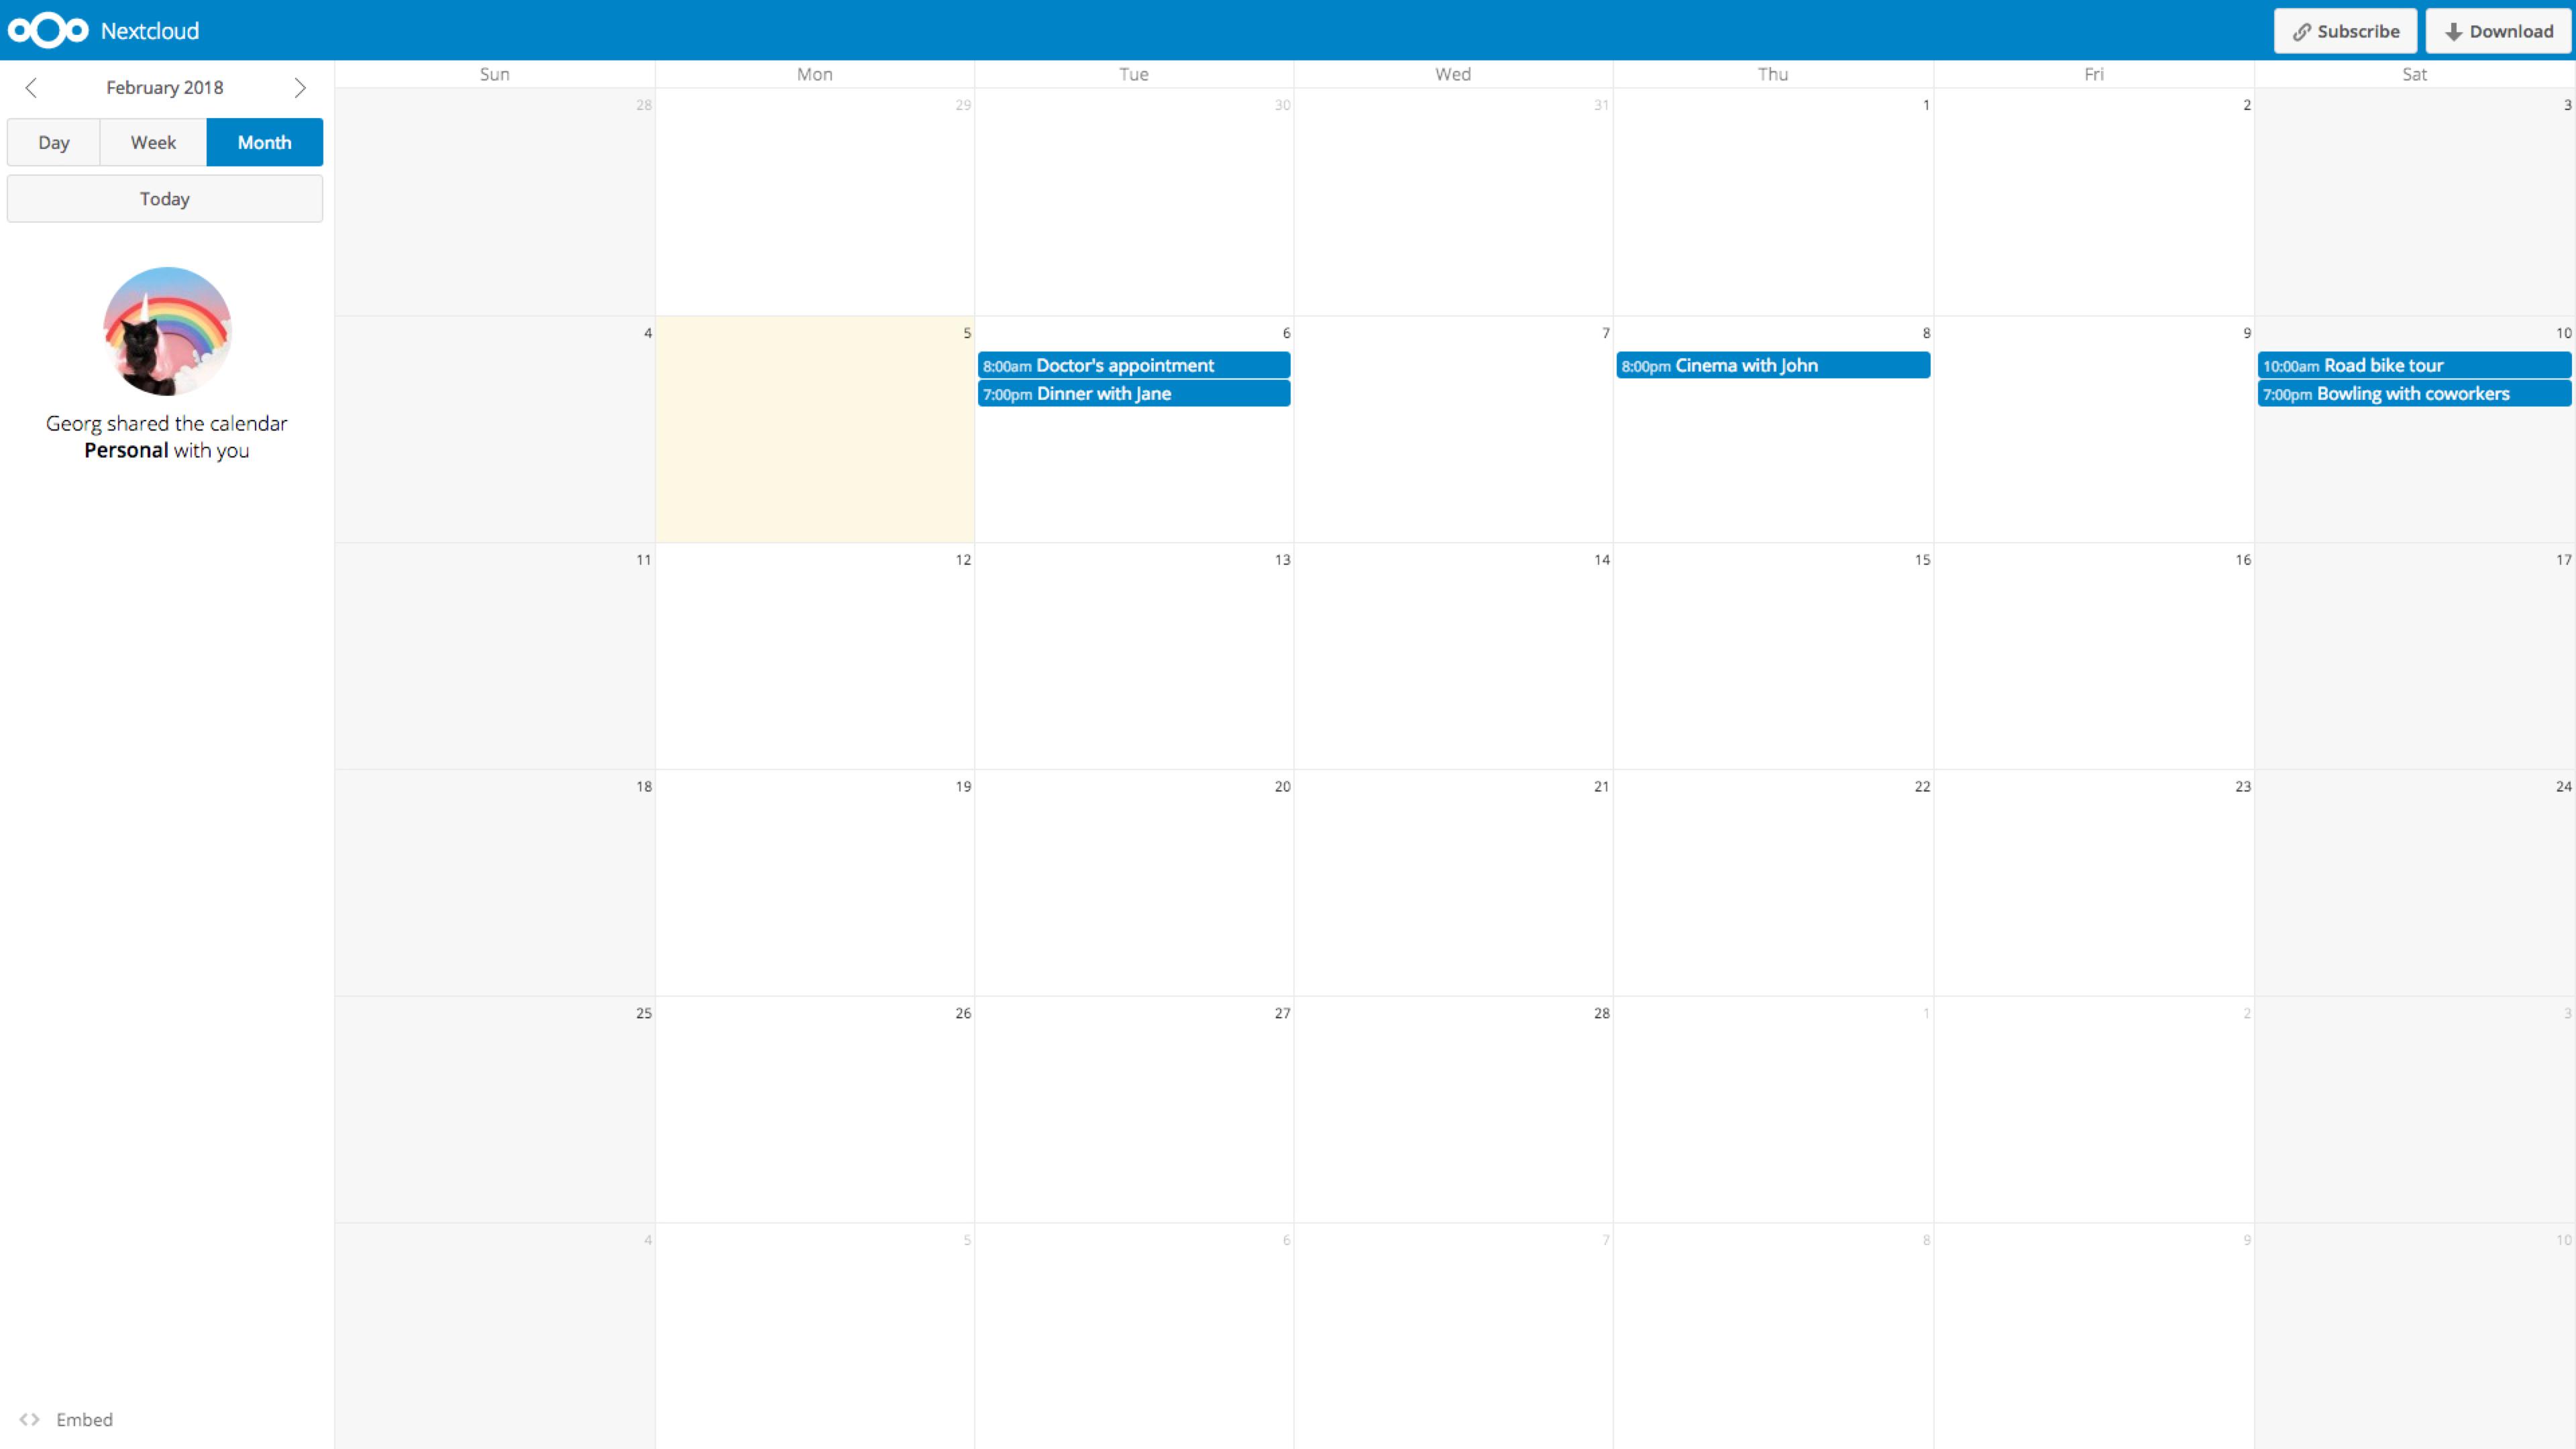 Calendar - Apps - App Store - Nextcloud